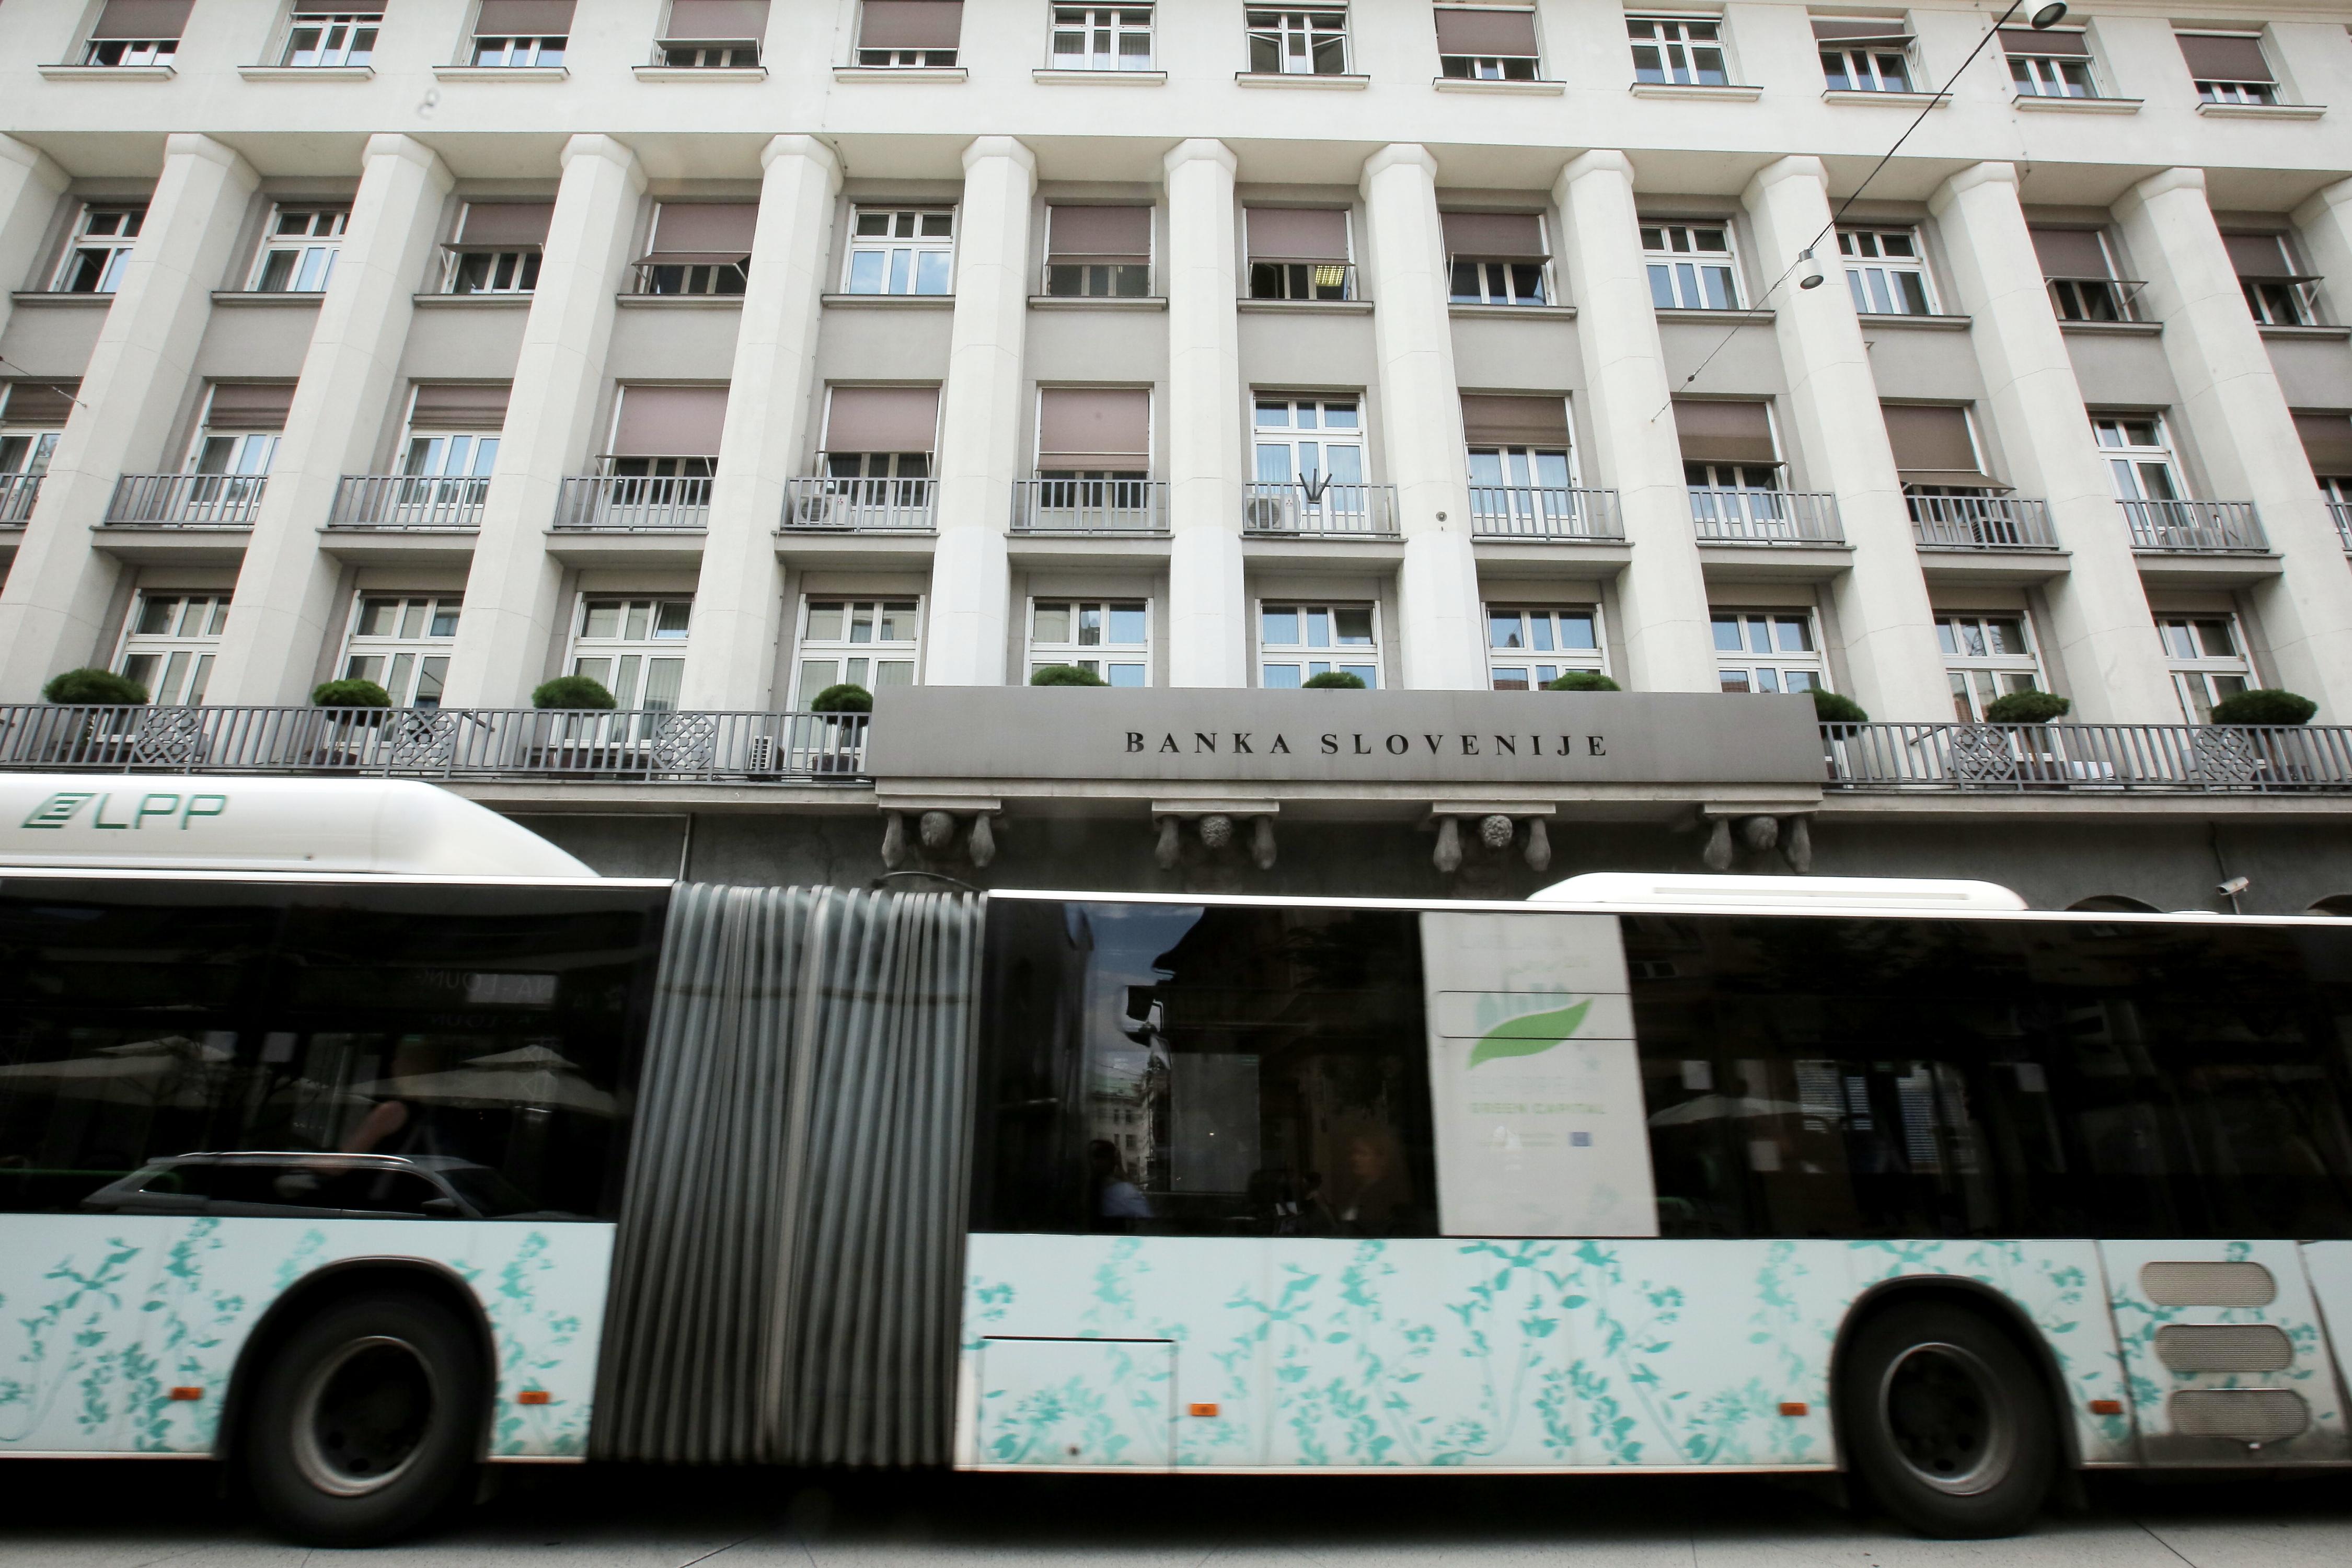 Ljubljanski potniški promet je naredil diskriminatorno gesto pri umiku oglasov Zavoda ŽIV!M . (Foto: STA)